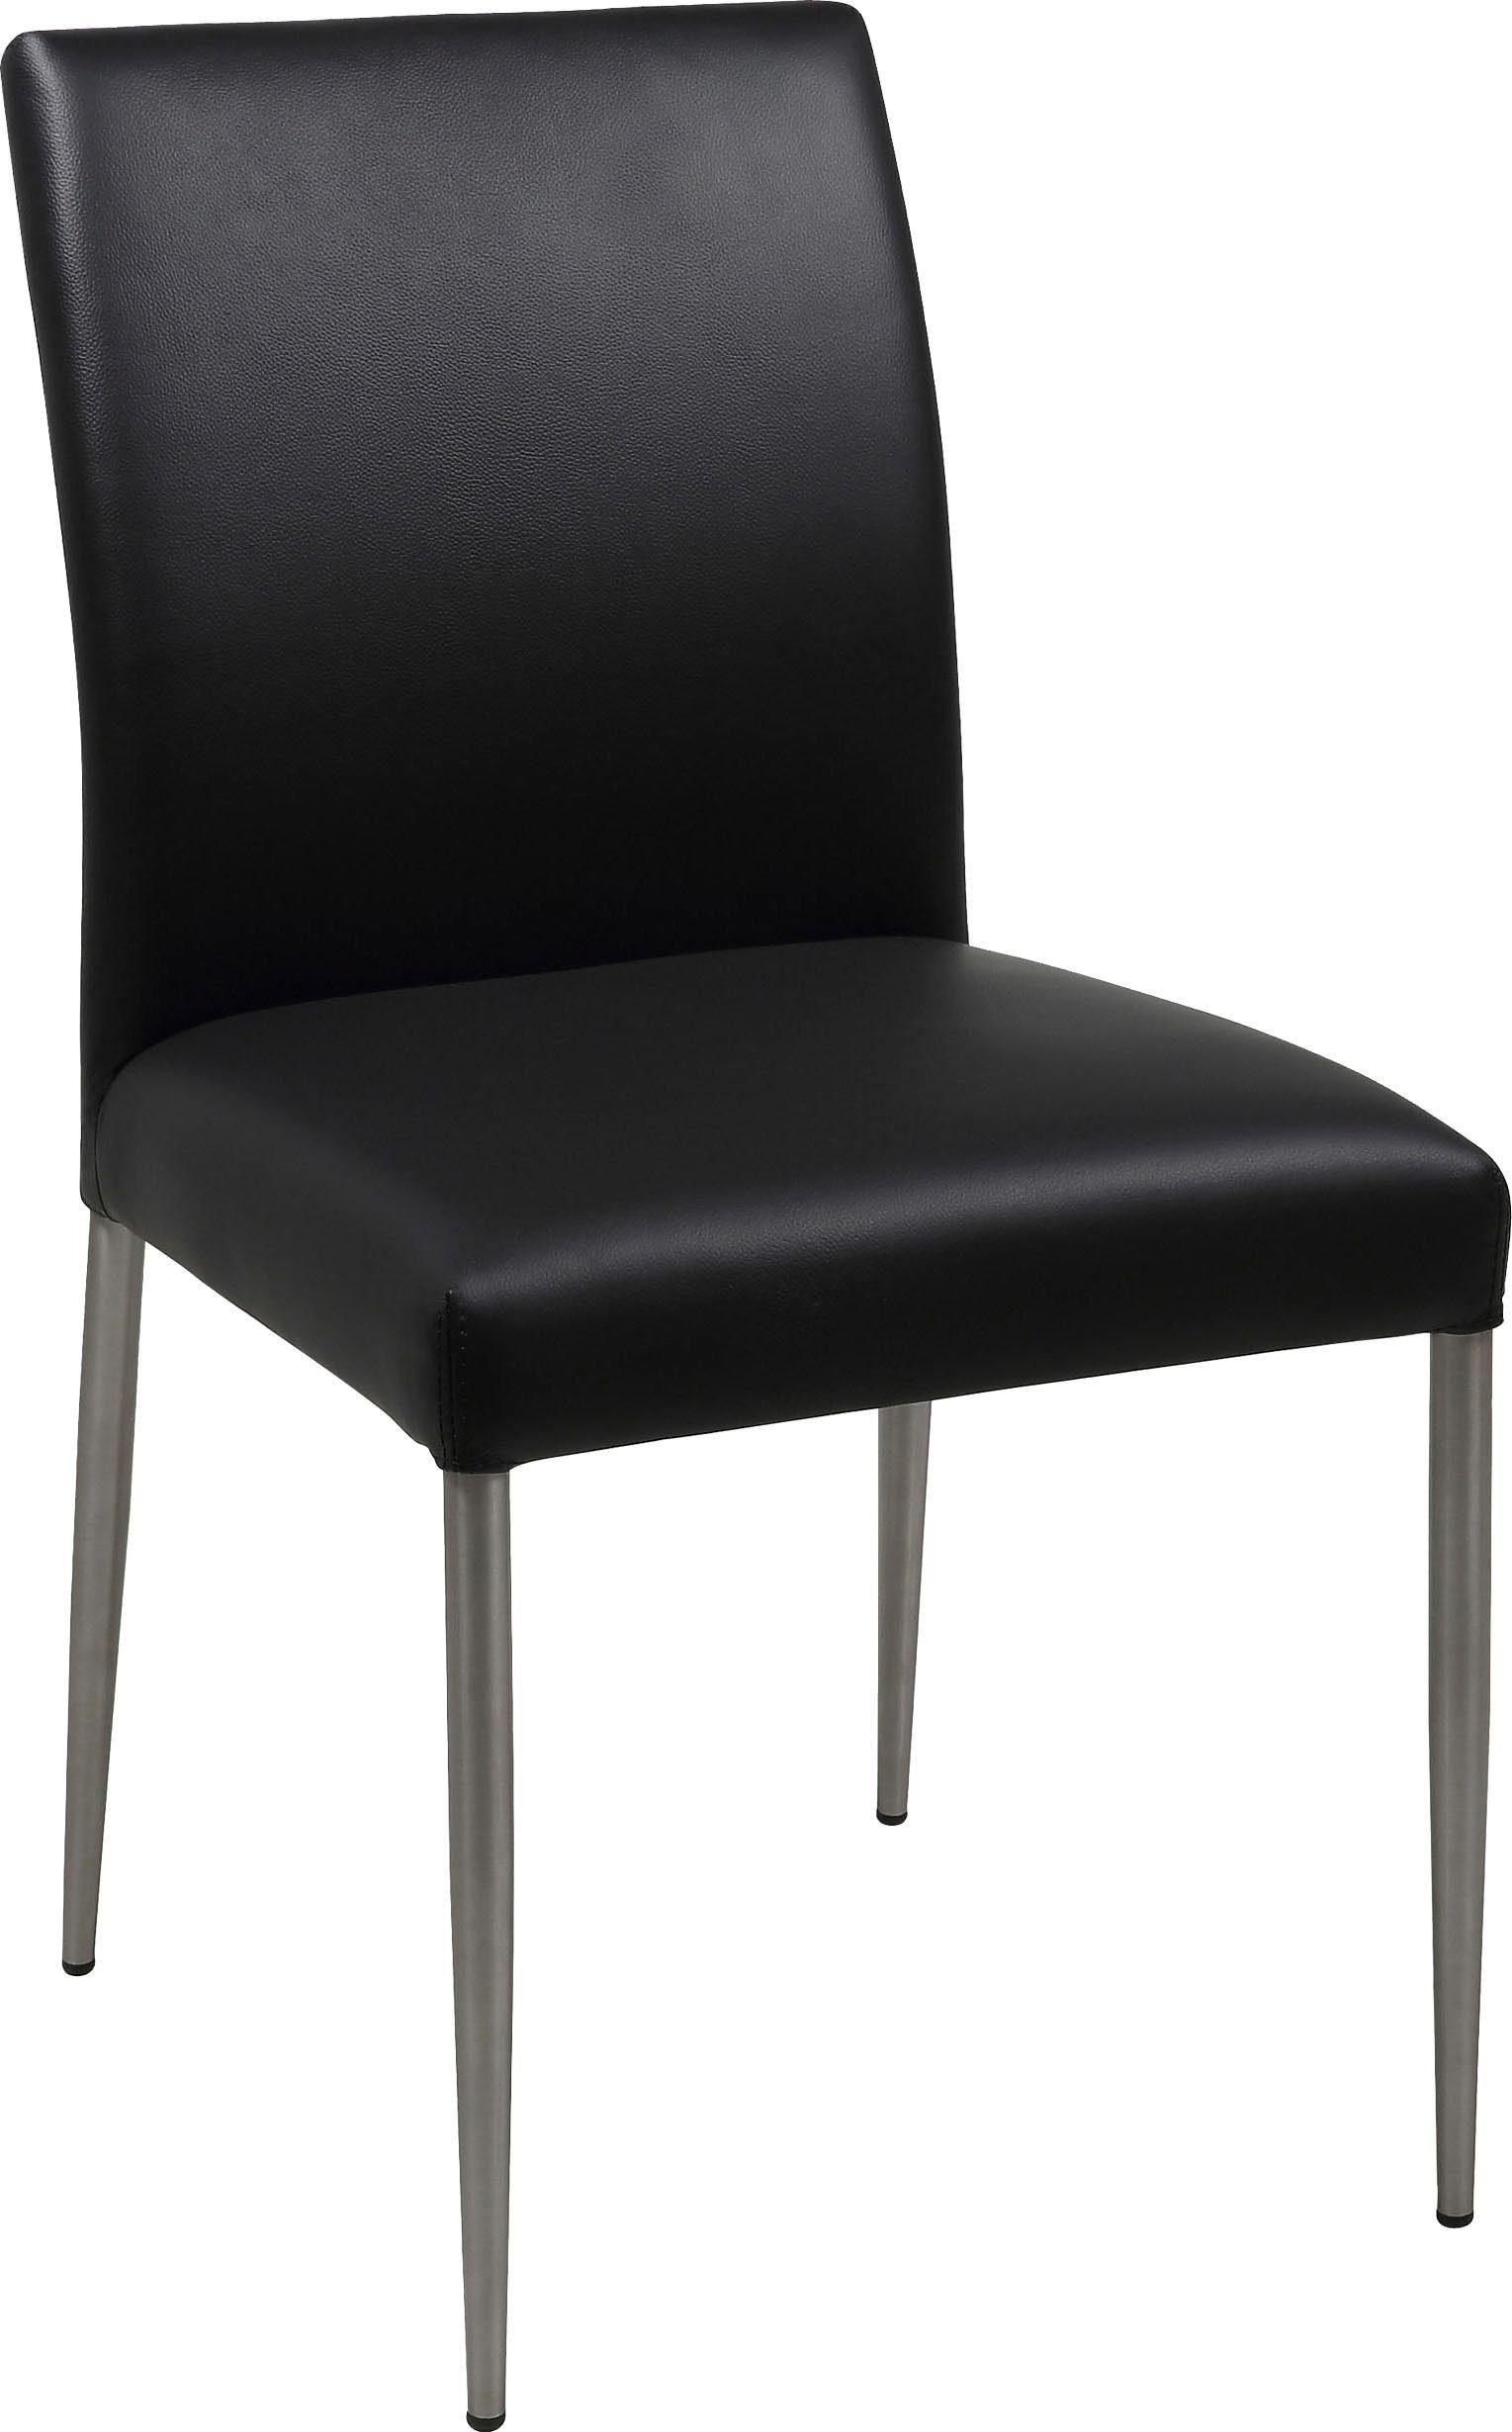 andas 2er Esszimmerstuhl Set »Sina« schönes Metallgestell und bequemer Sitzpolsterung aus pflegeleichten Naturleder, Sitzhöhe 48,5 cm